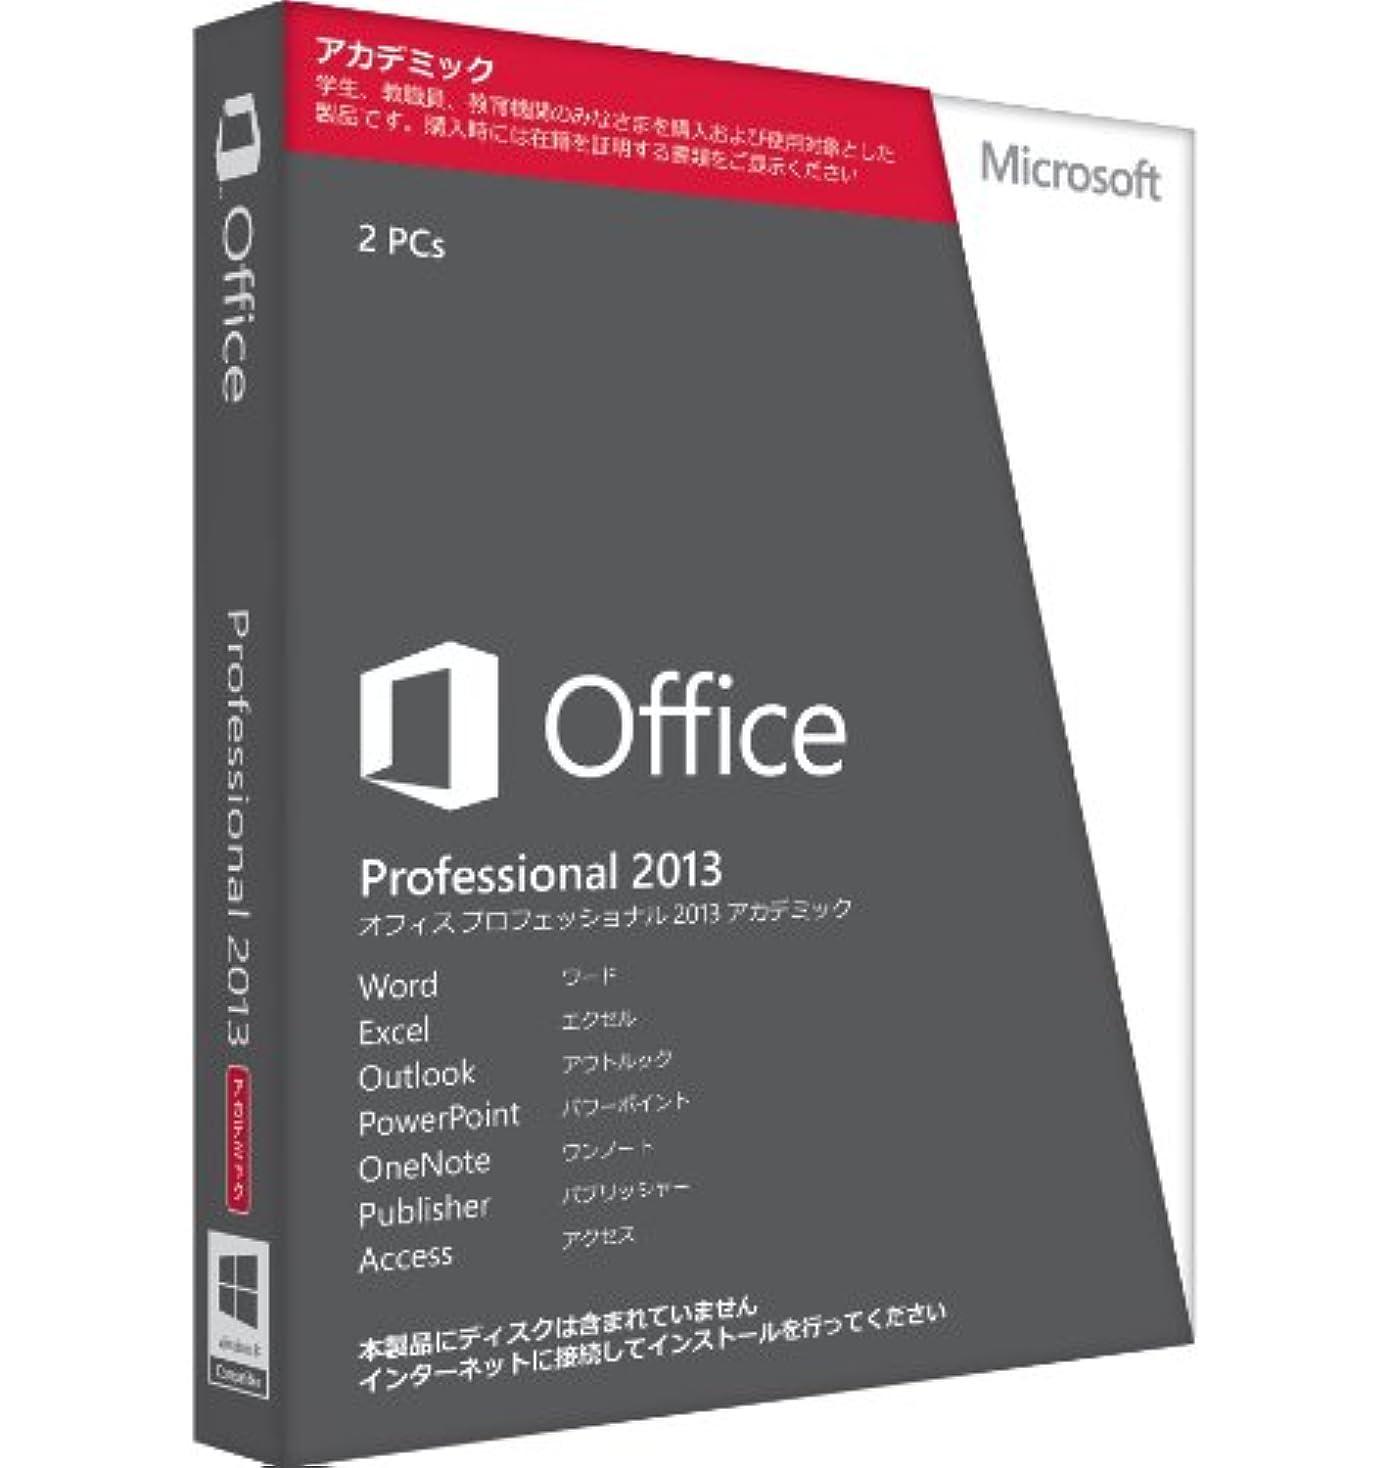 ローマ人バリーローマ人【旧商品/2016年メーカー出荷終了】Microsoft Office Professional 2013 アカデミック [プロダクトキーのみ] [パッケージ] [Windows版](PC2台/1ライセンス)